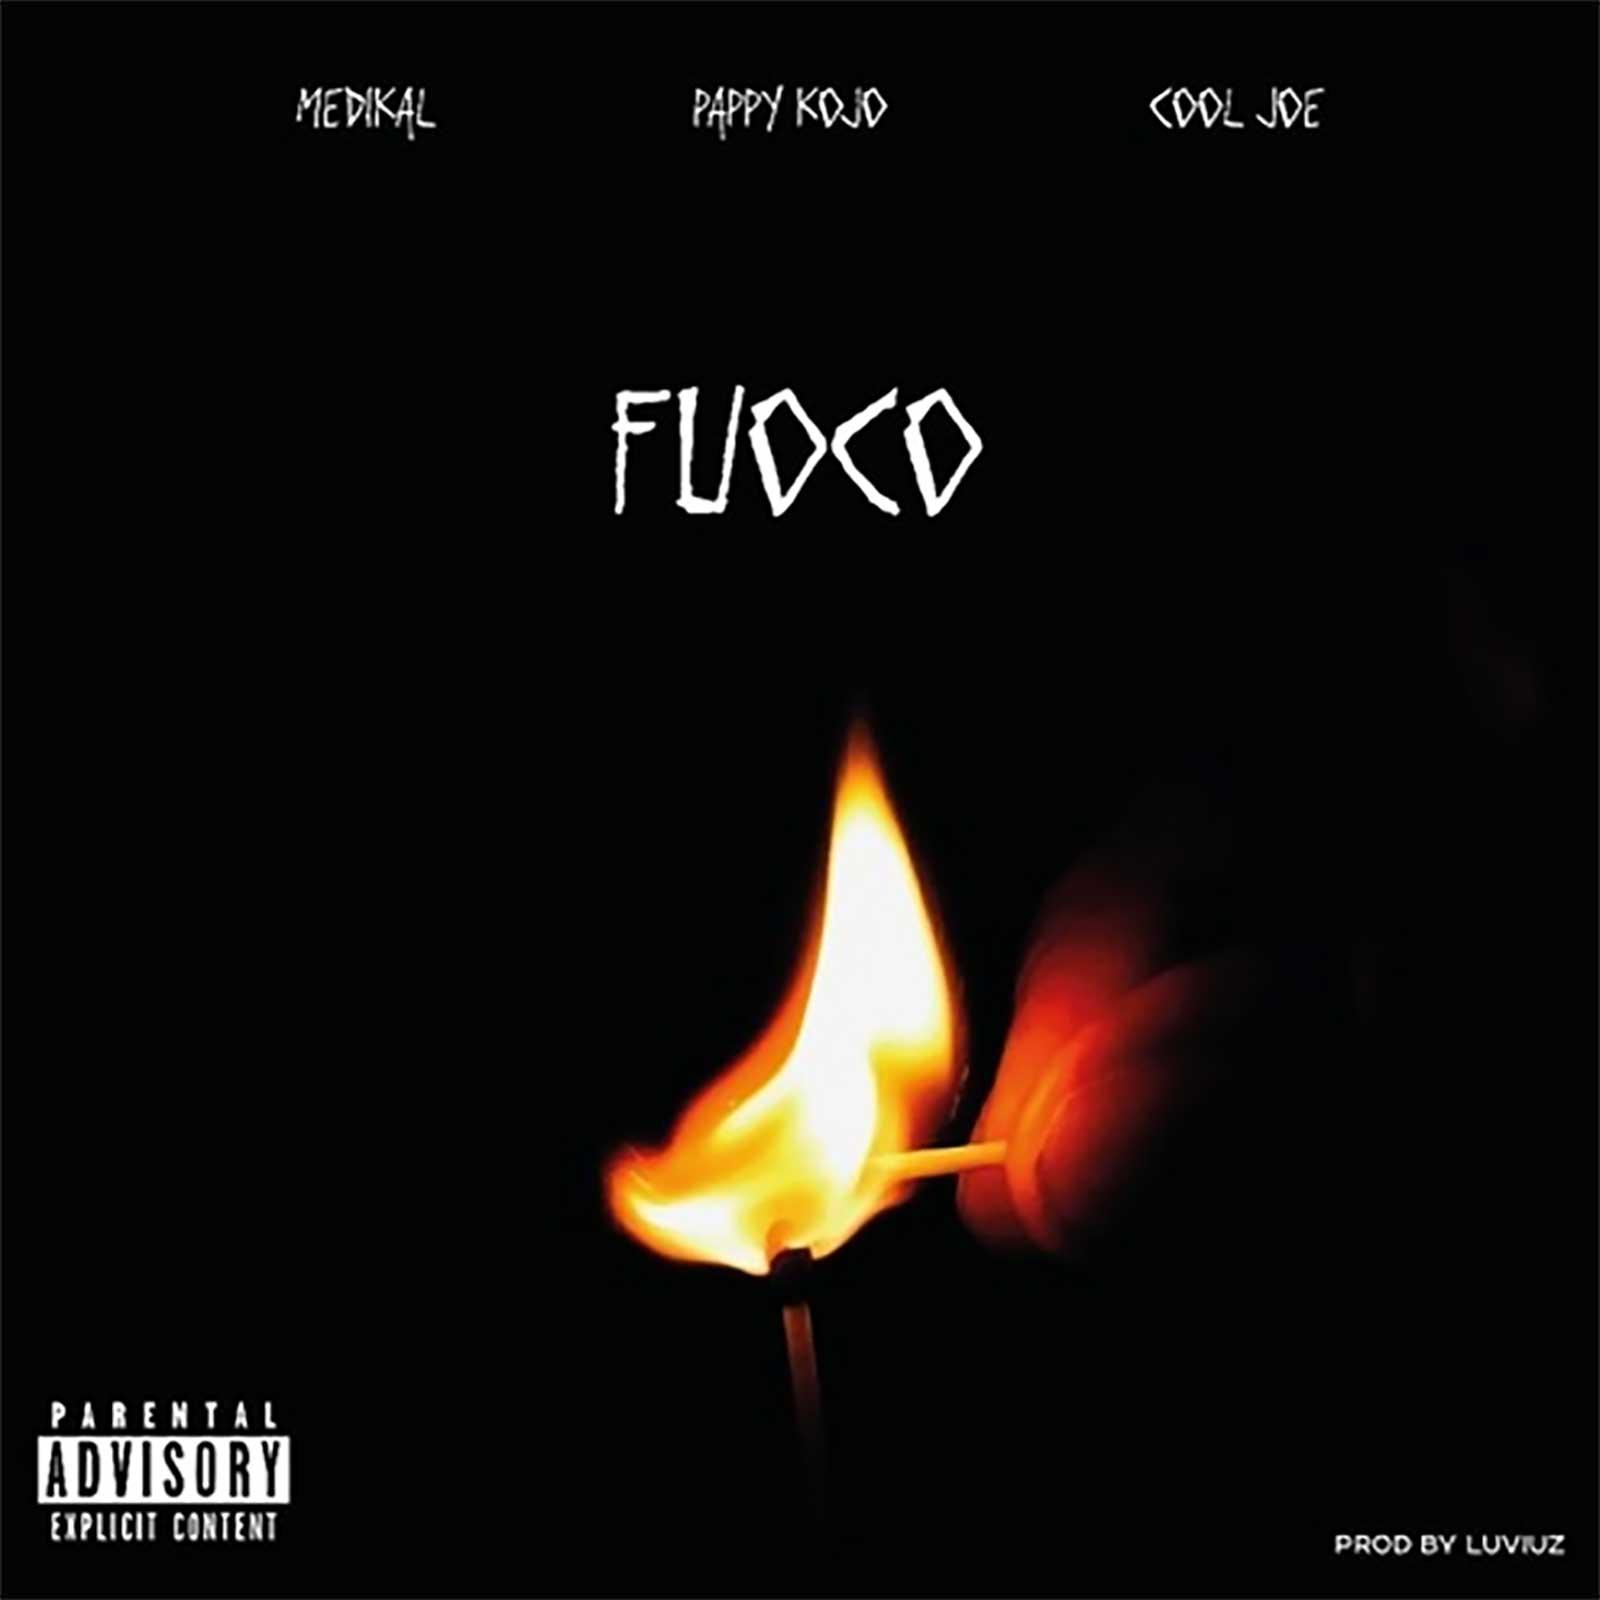 Fuoco by Pappy Kojo feat. Cool Joe & Medikal